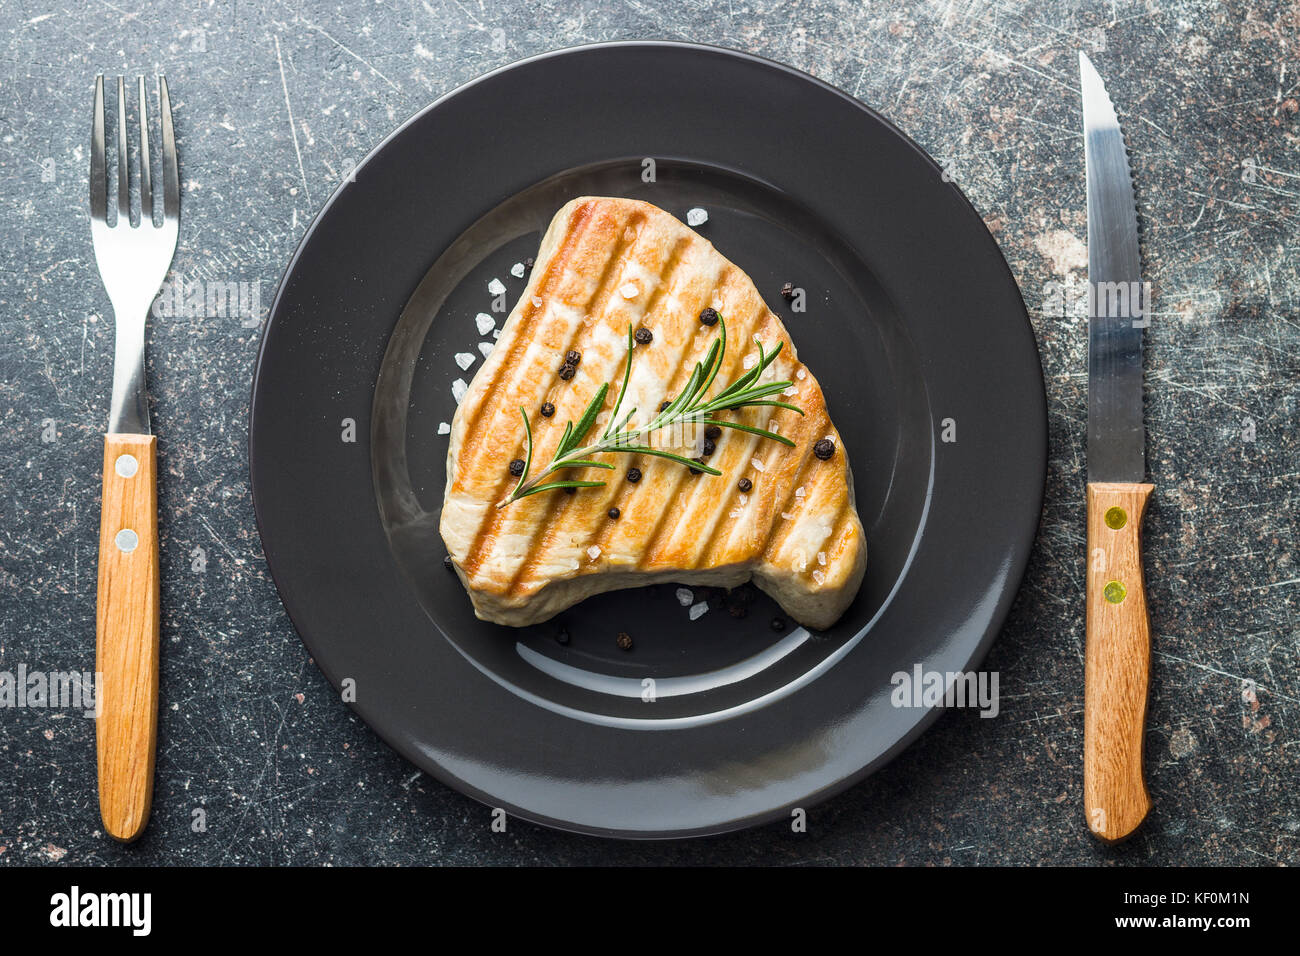 Steak de thon grillé sur plaque. Photo Stock